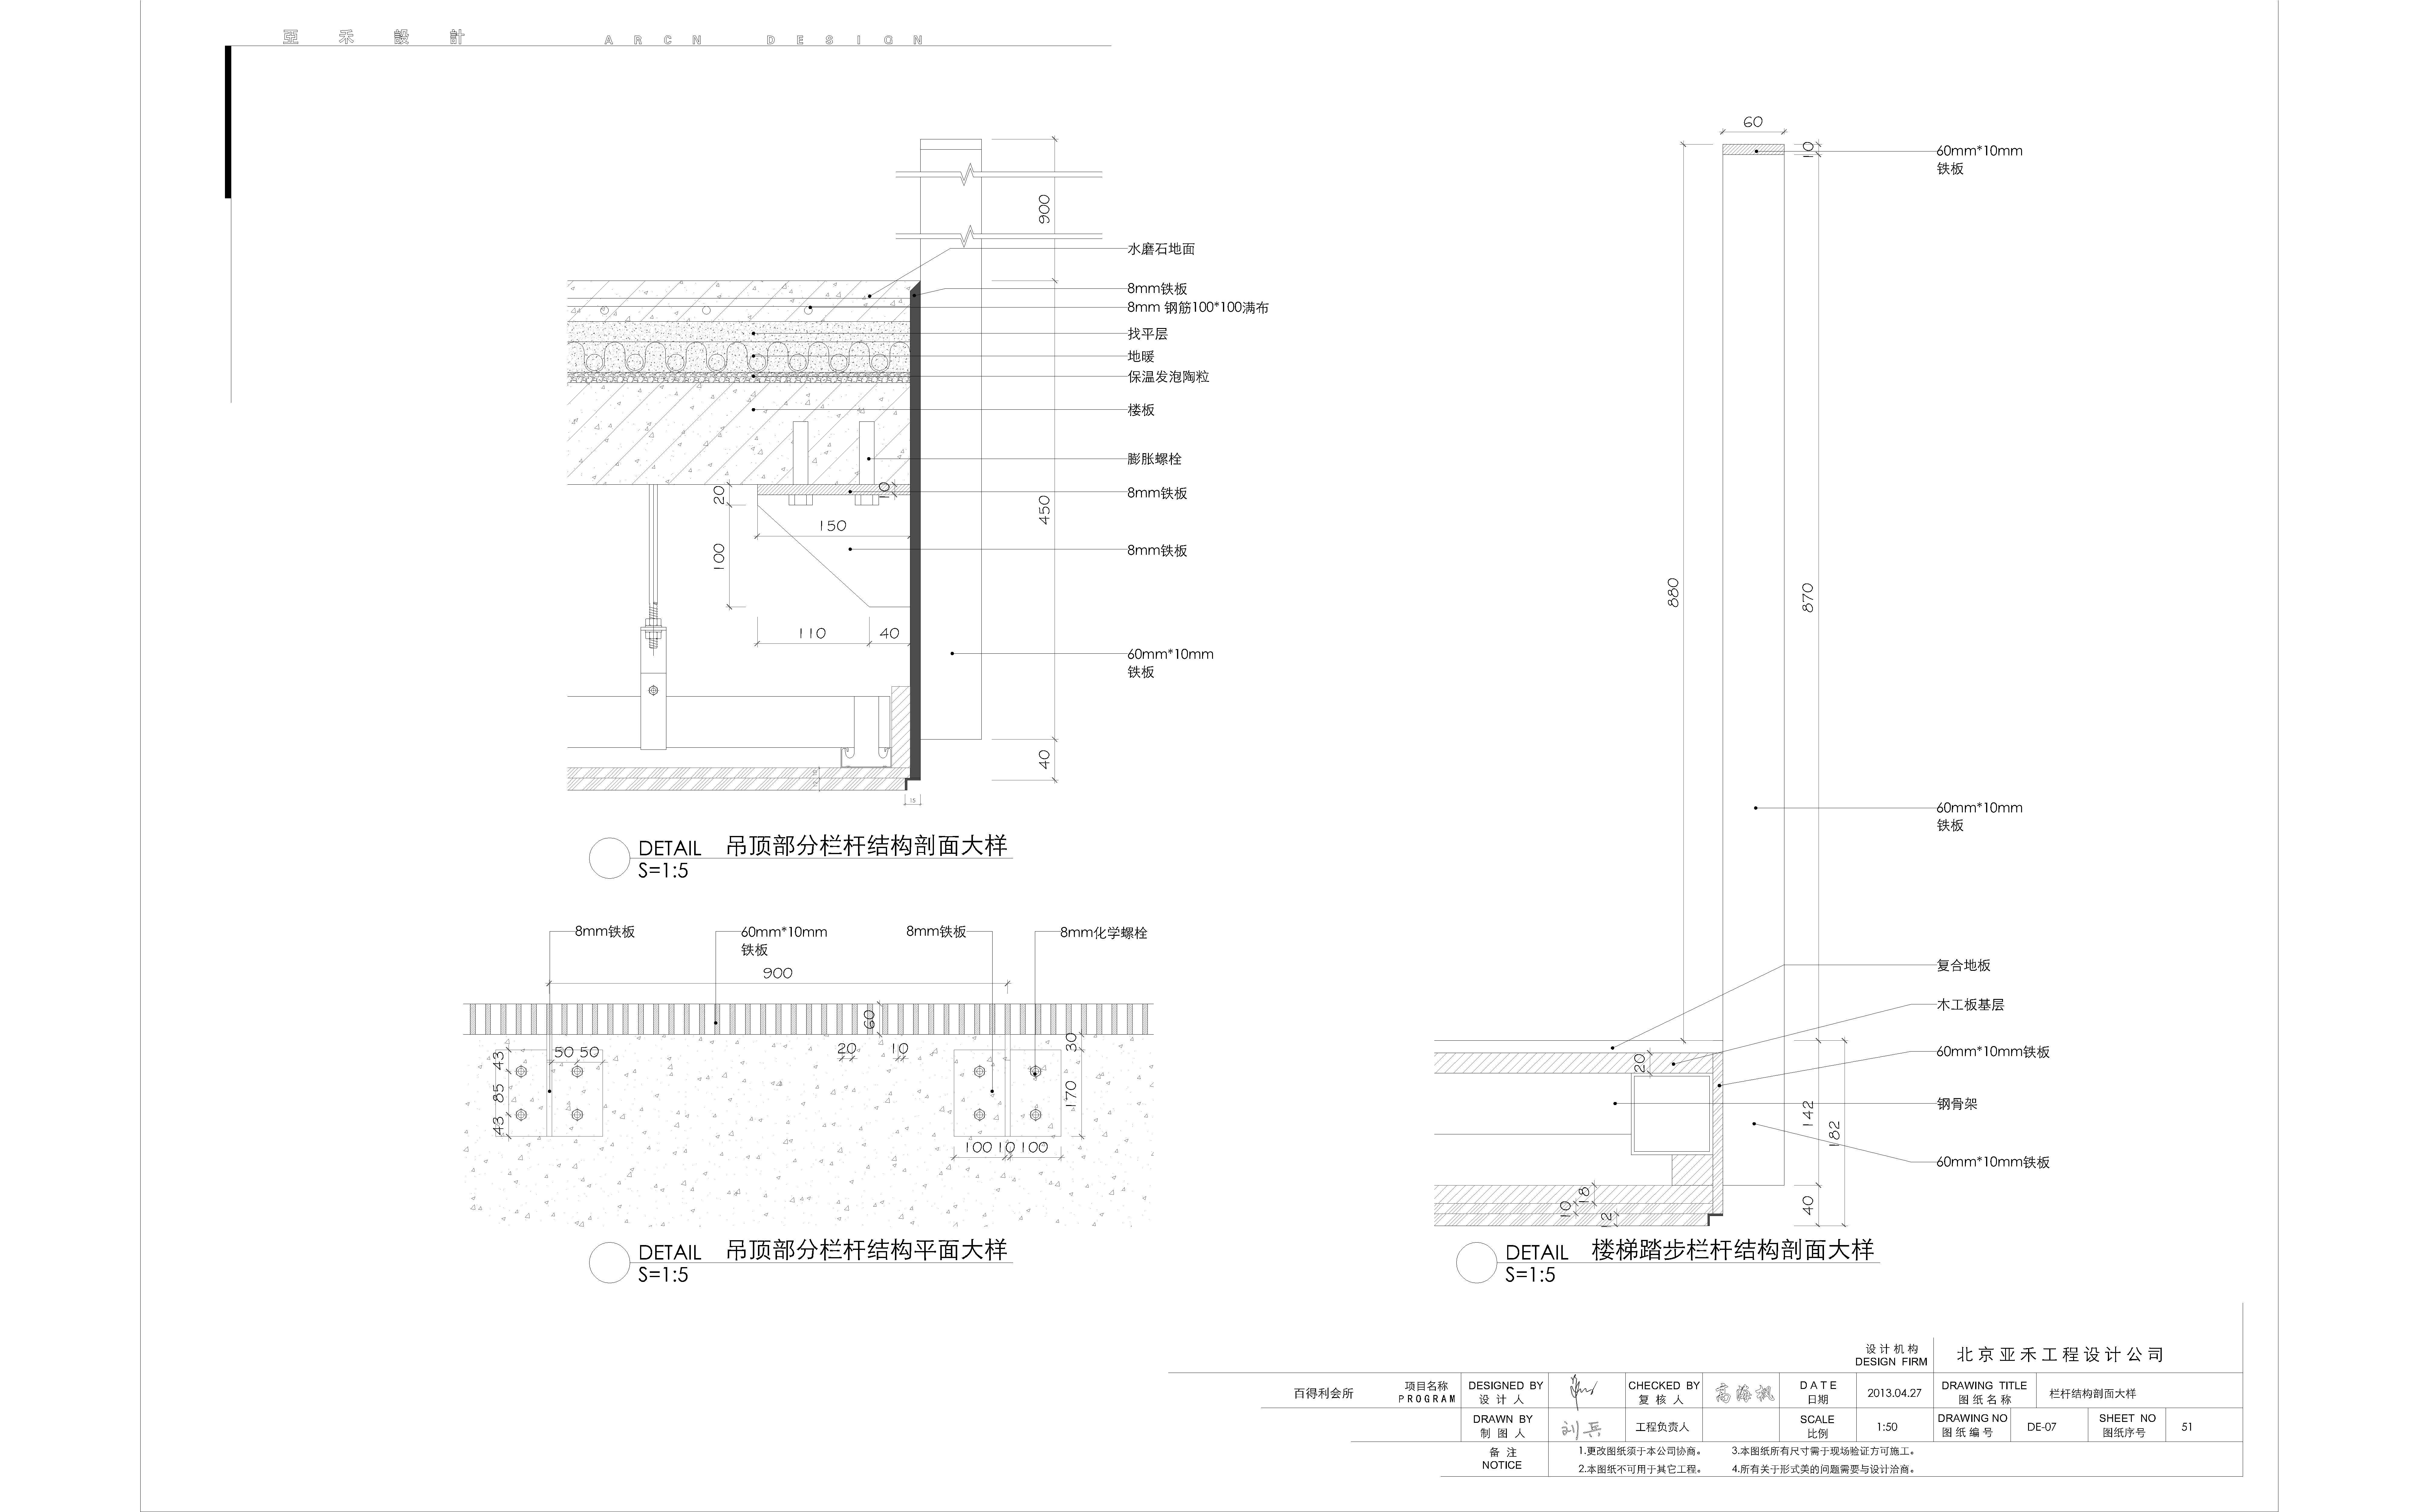 百得礼会所 - 会所设计 - 第8页 - 姜涛设计作品案例